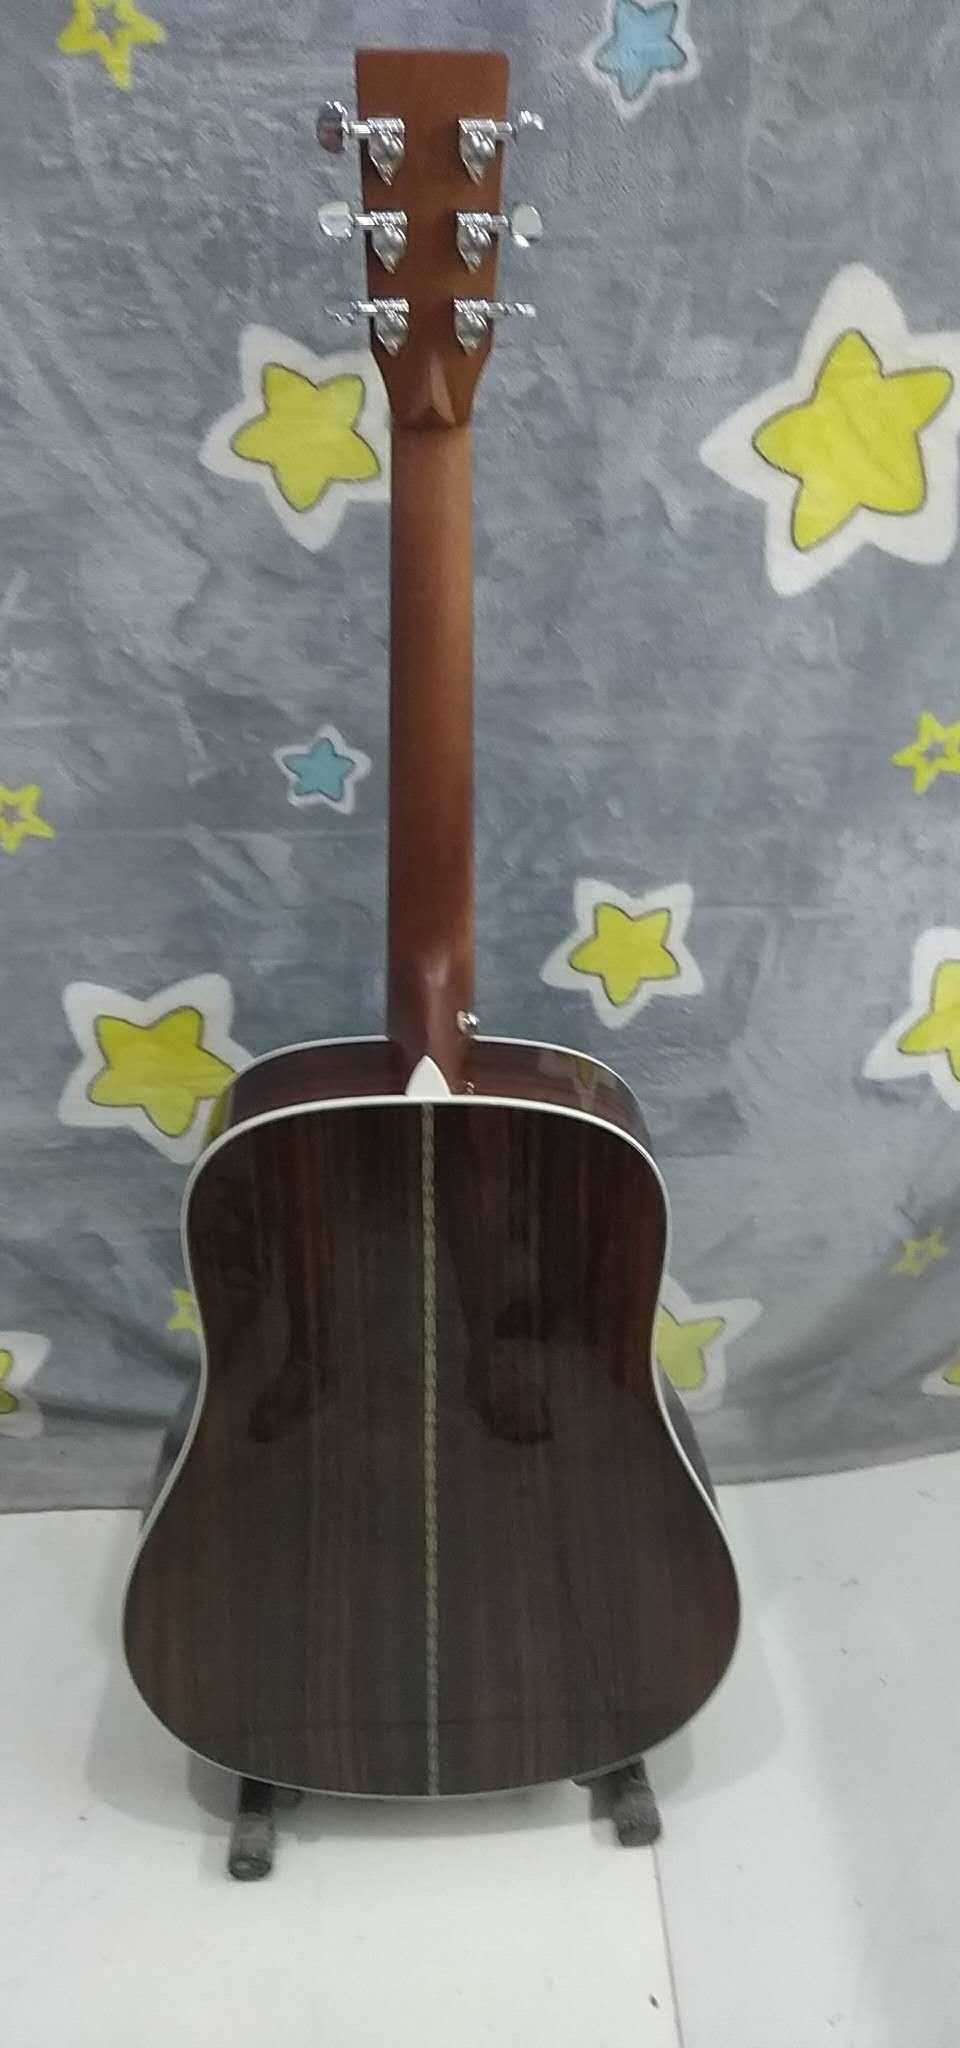 Analyse du style de jeu et des compétences de la guitare (fortement recommandé)